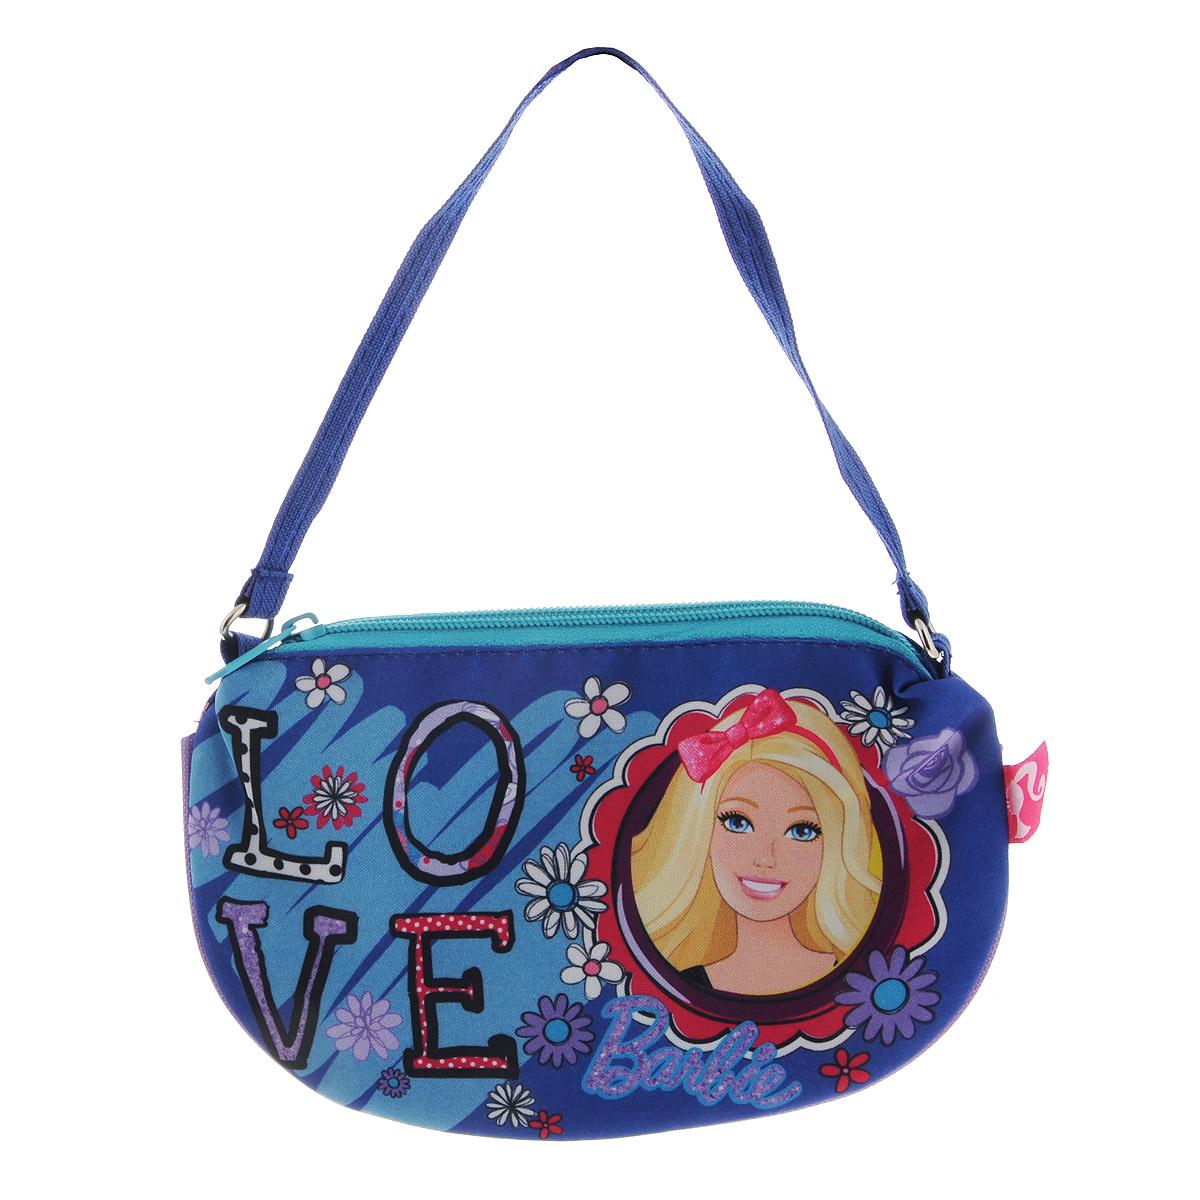 Сумочка Barbie, цвет: синий. BRCB-UT4-401772523WDЯркая сумочка Barbie станет незаменимым аксессуаром для вашей маленькой модницы!Она изготовлена из текстильного материала и оформлена объемной аппликацией в виде изображения любимой сказочной героини. Сумка имеет одно отделение и закрывается на застежку-молнию. Ваша малышка с удовольствием будет носить в ней свои вещи, любимые игрушки или аксессуары. Порадуйте ее таким замечательным подарком!